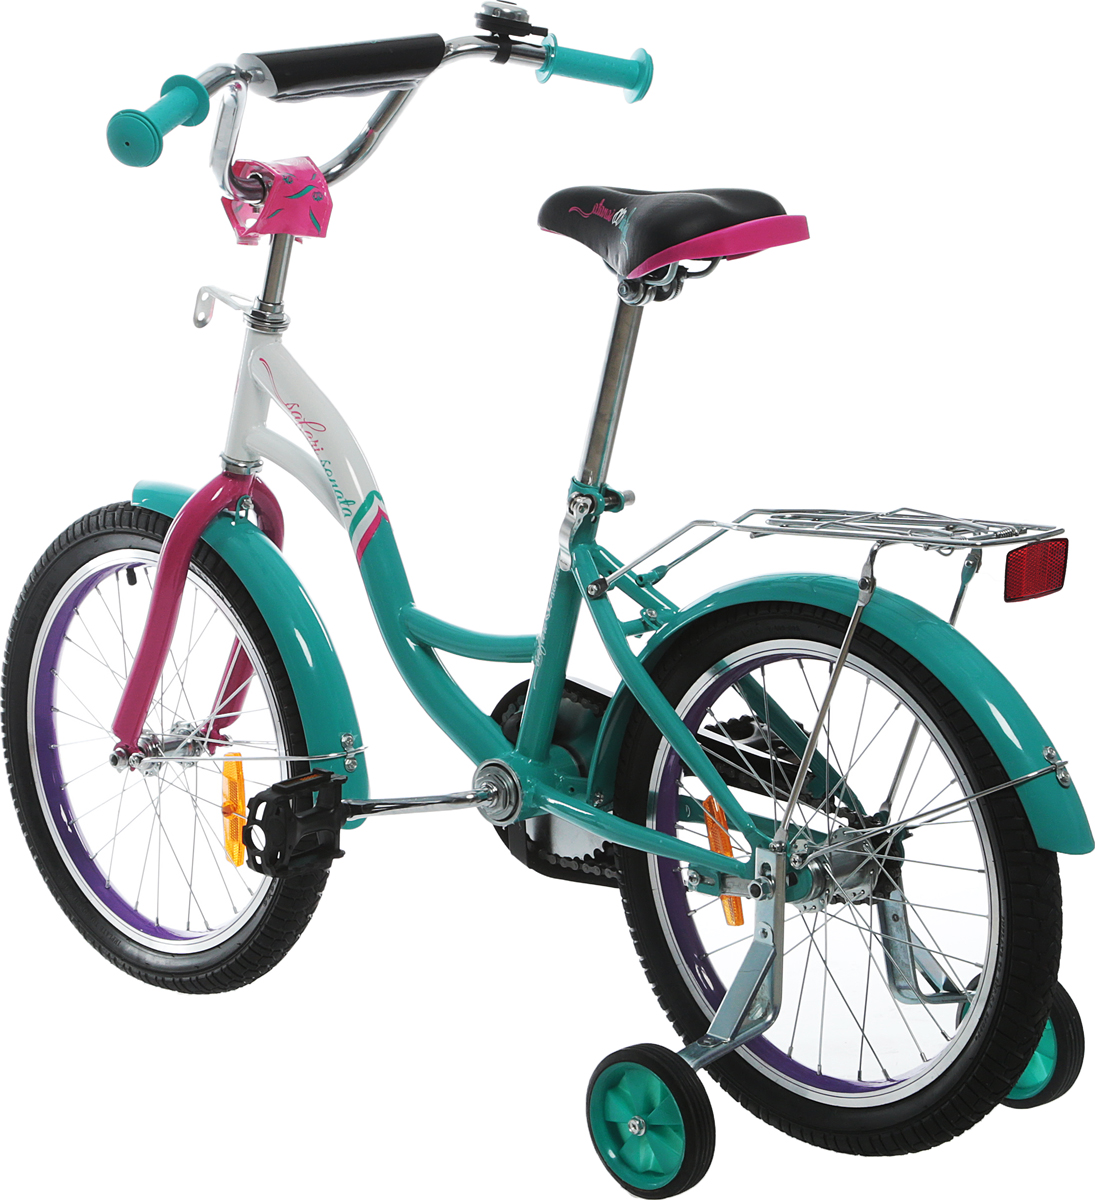 Аргоновая облегченная рама, багажник, алюминиевый облегченный обод колес, хорошо выдерживает ударную нагрузку, защищает от восьмерок; защита цепи, катафоты, боковые пластиковые колеса, ограничитель поворота руля, мягкие накладки на руле.